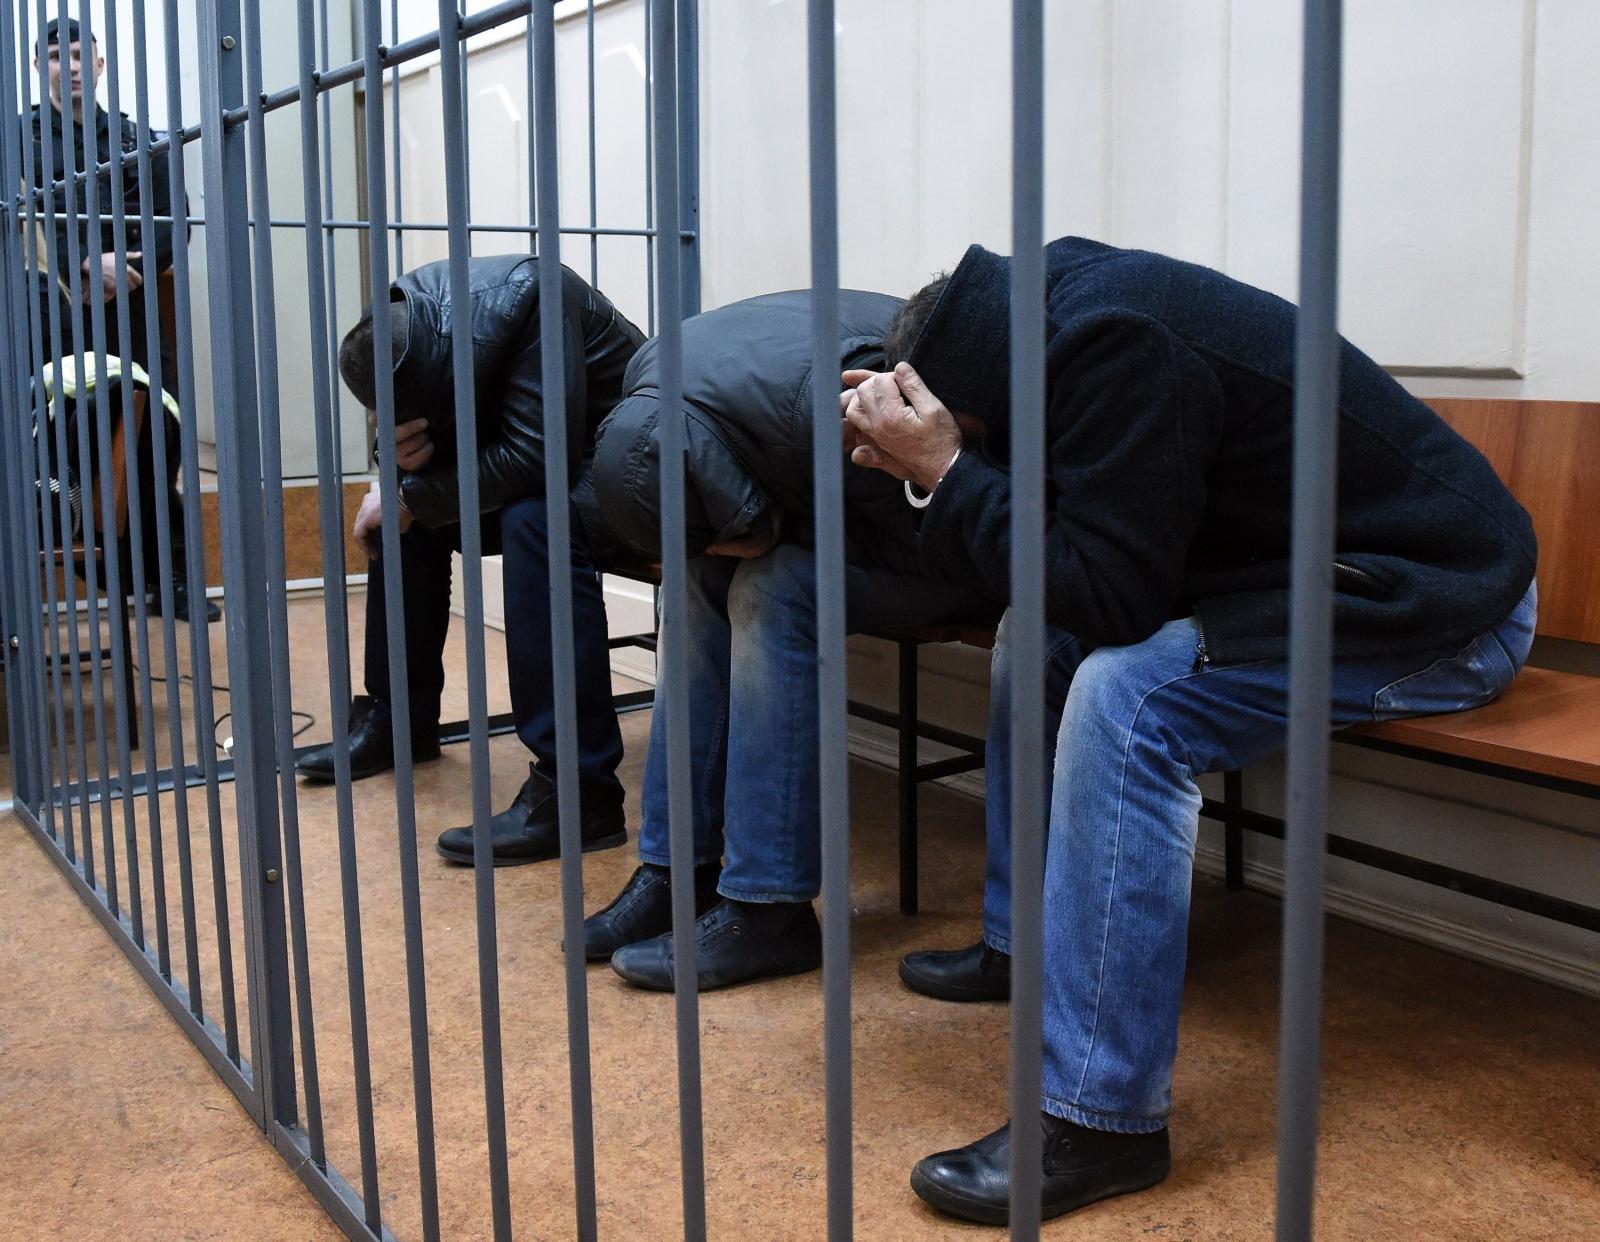 Three suspects in the Nemtsov murder